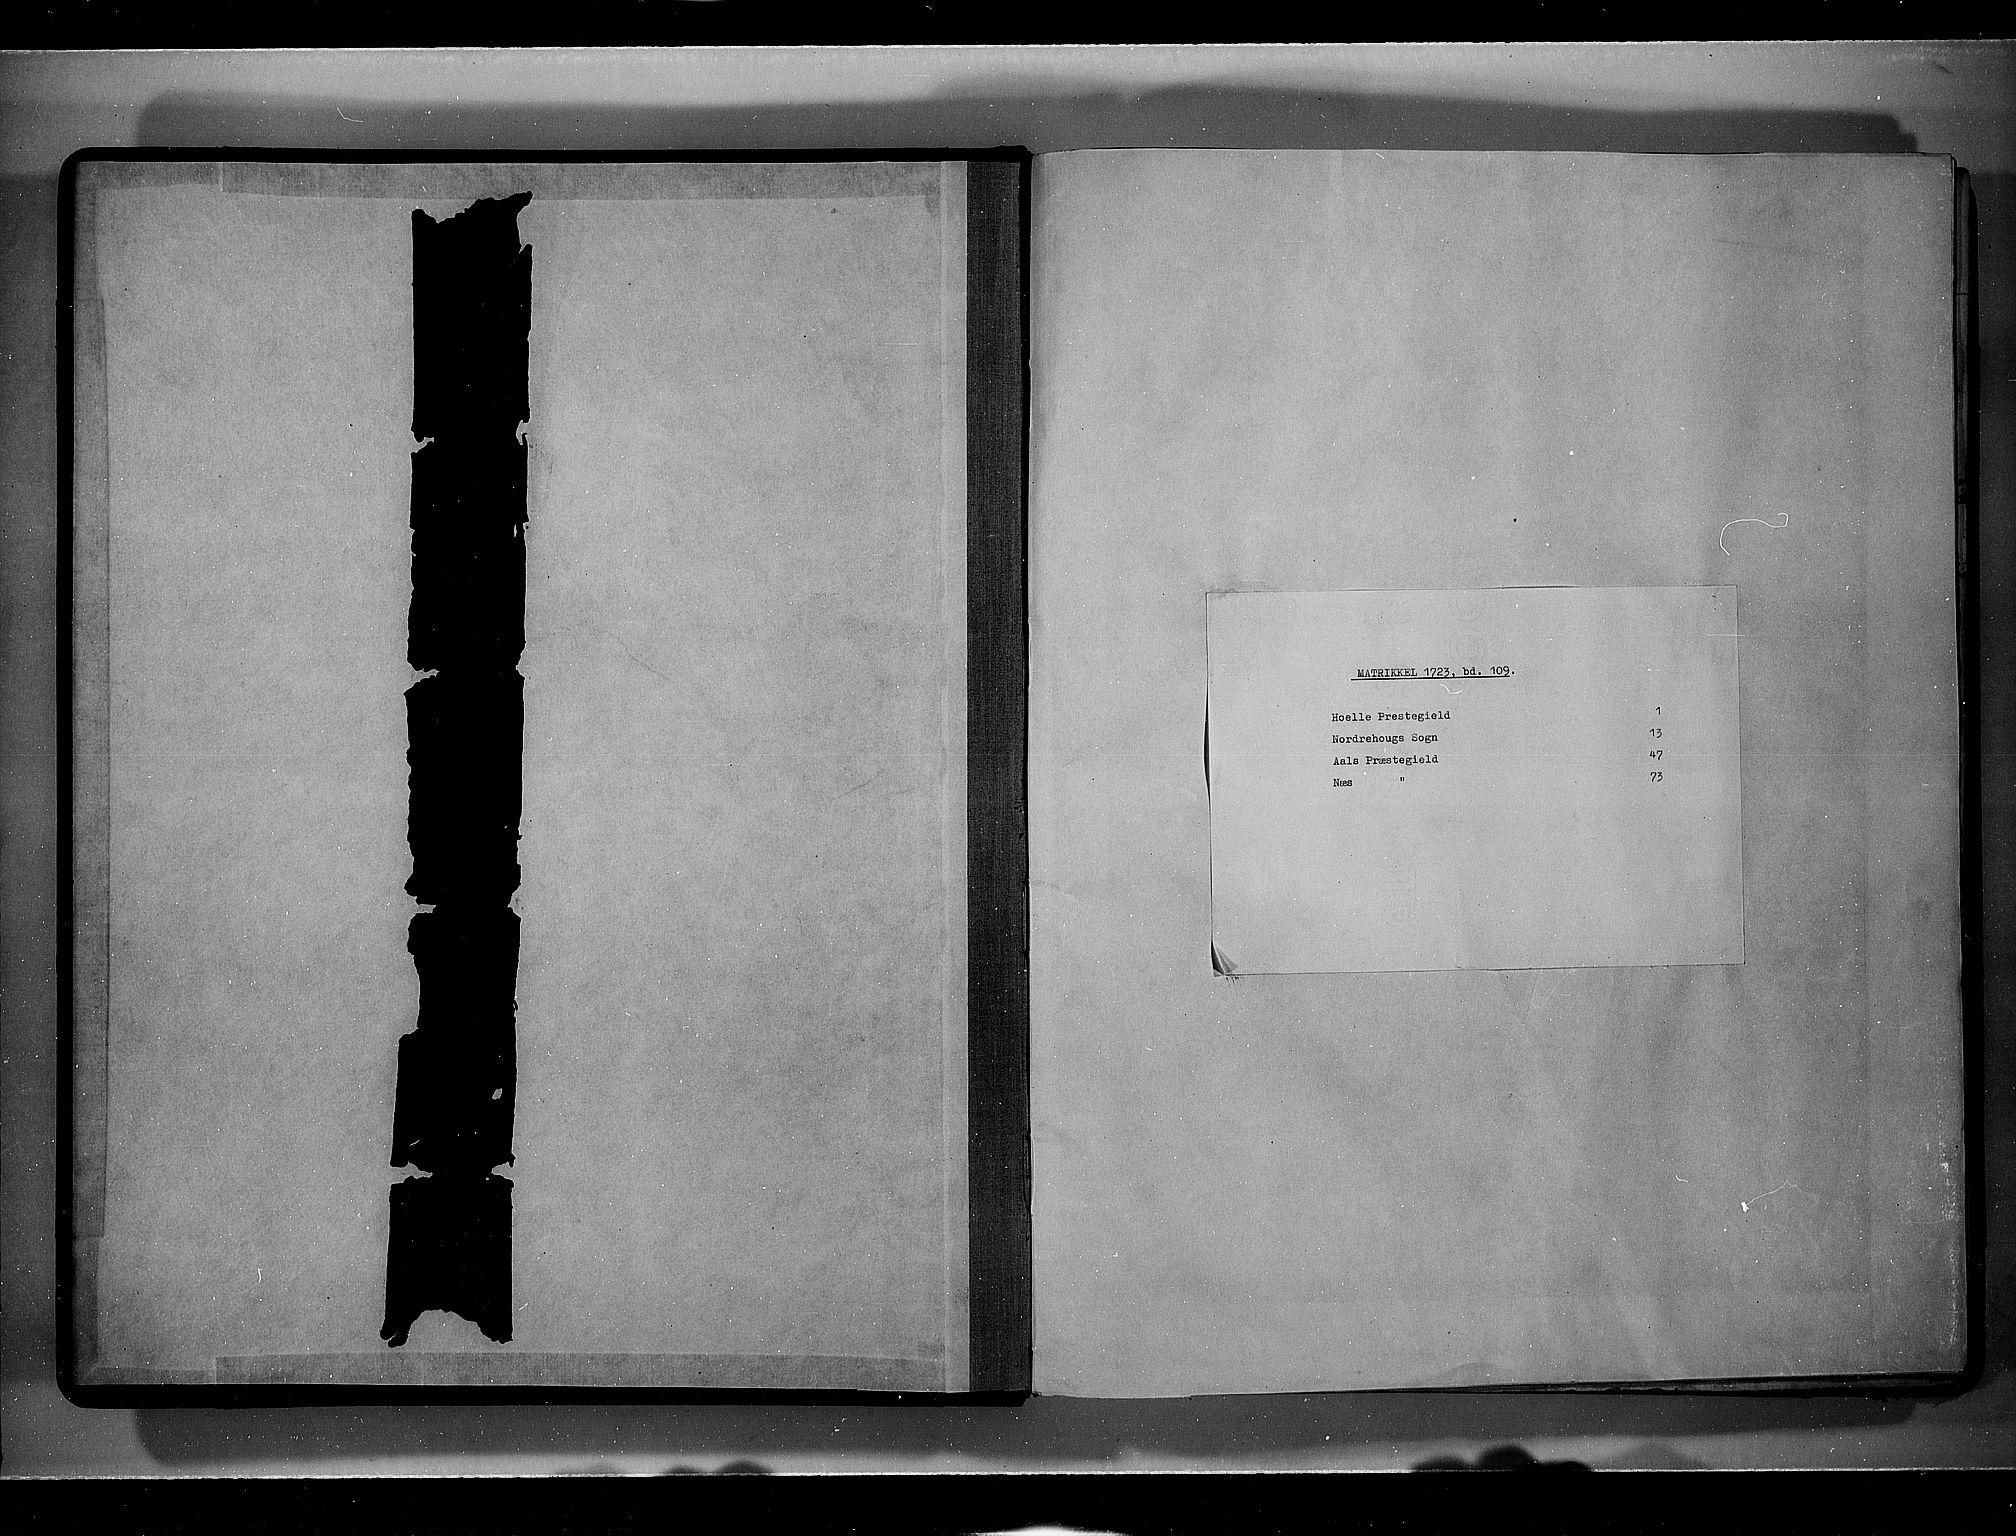 RA, Rentekammeret inntil 1814, Realistisk ordnet avdeling, N/Nb/Nbf/L0109: Ringerike og Hallingdal eksaminasjonsprotokoll, 1723, s. upaginert